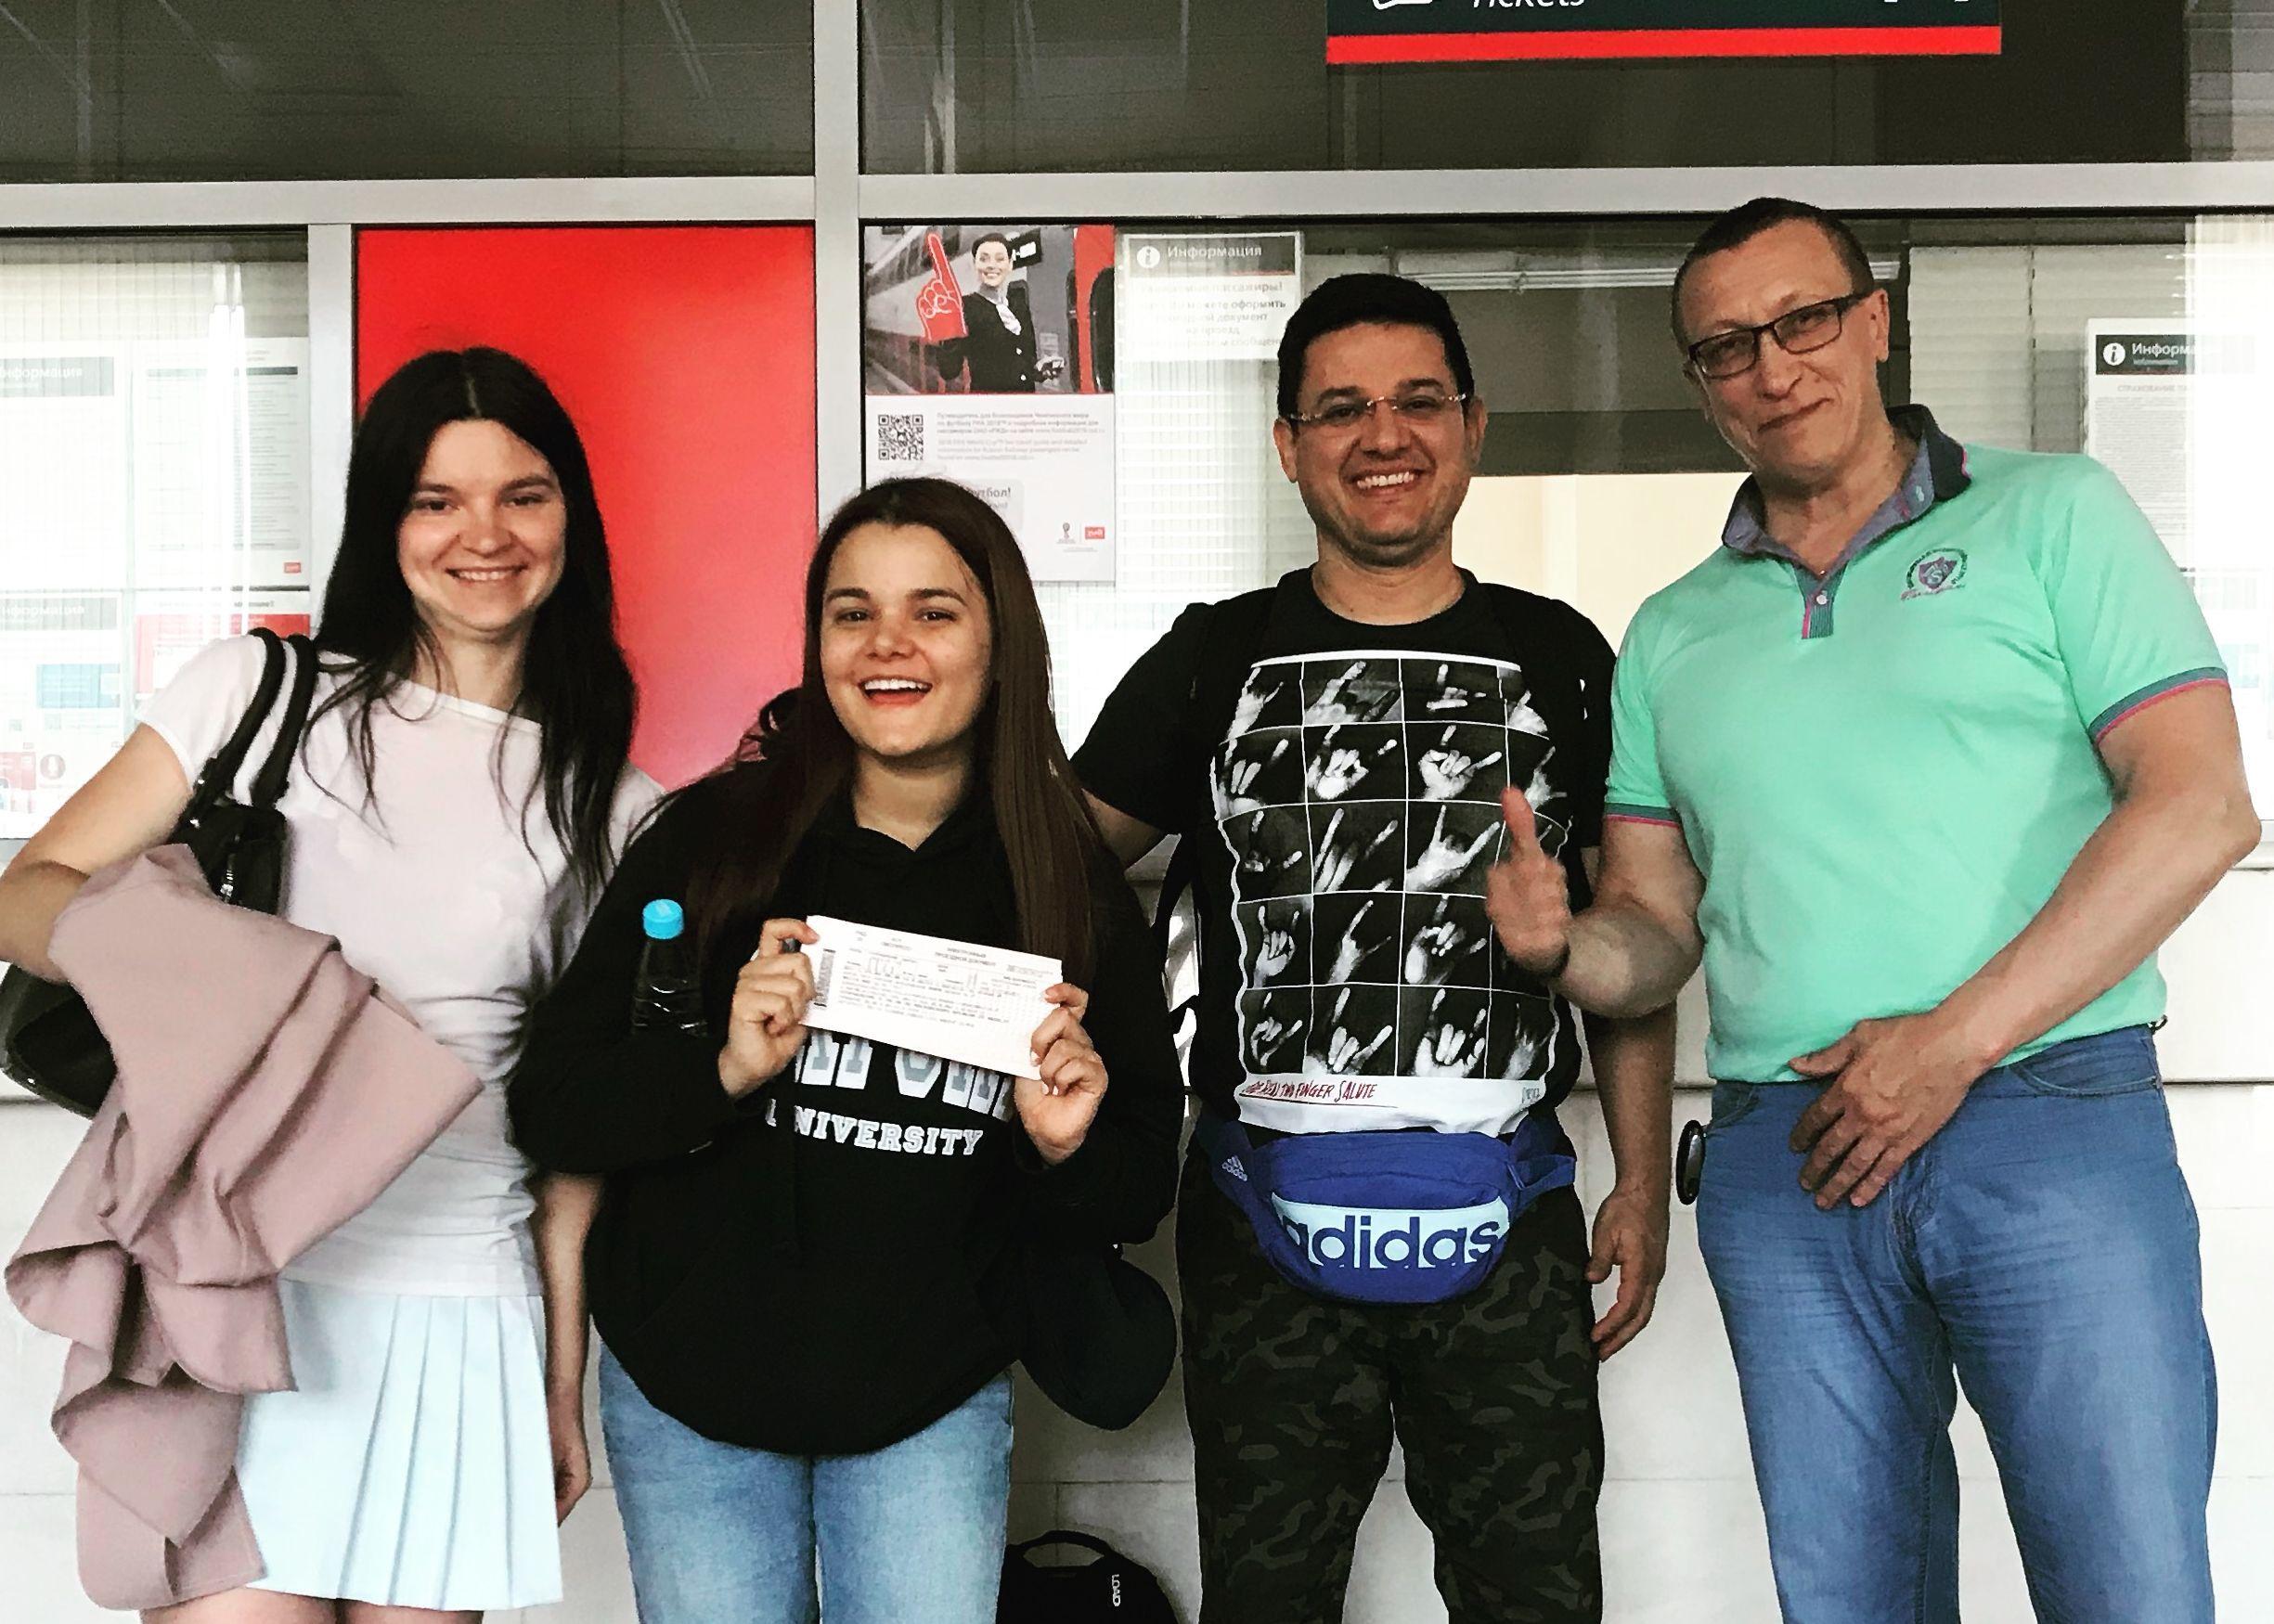 В Кирове помогли двум потерявшимся болельщикам из Колумбии.